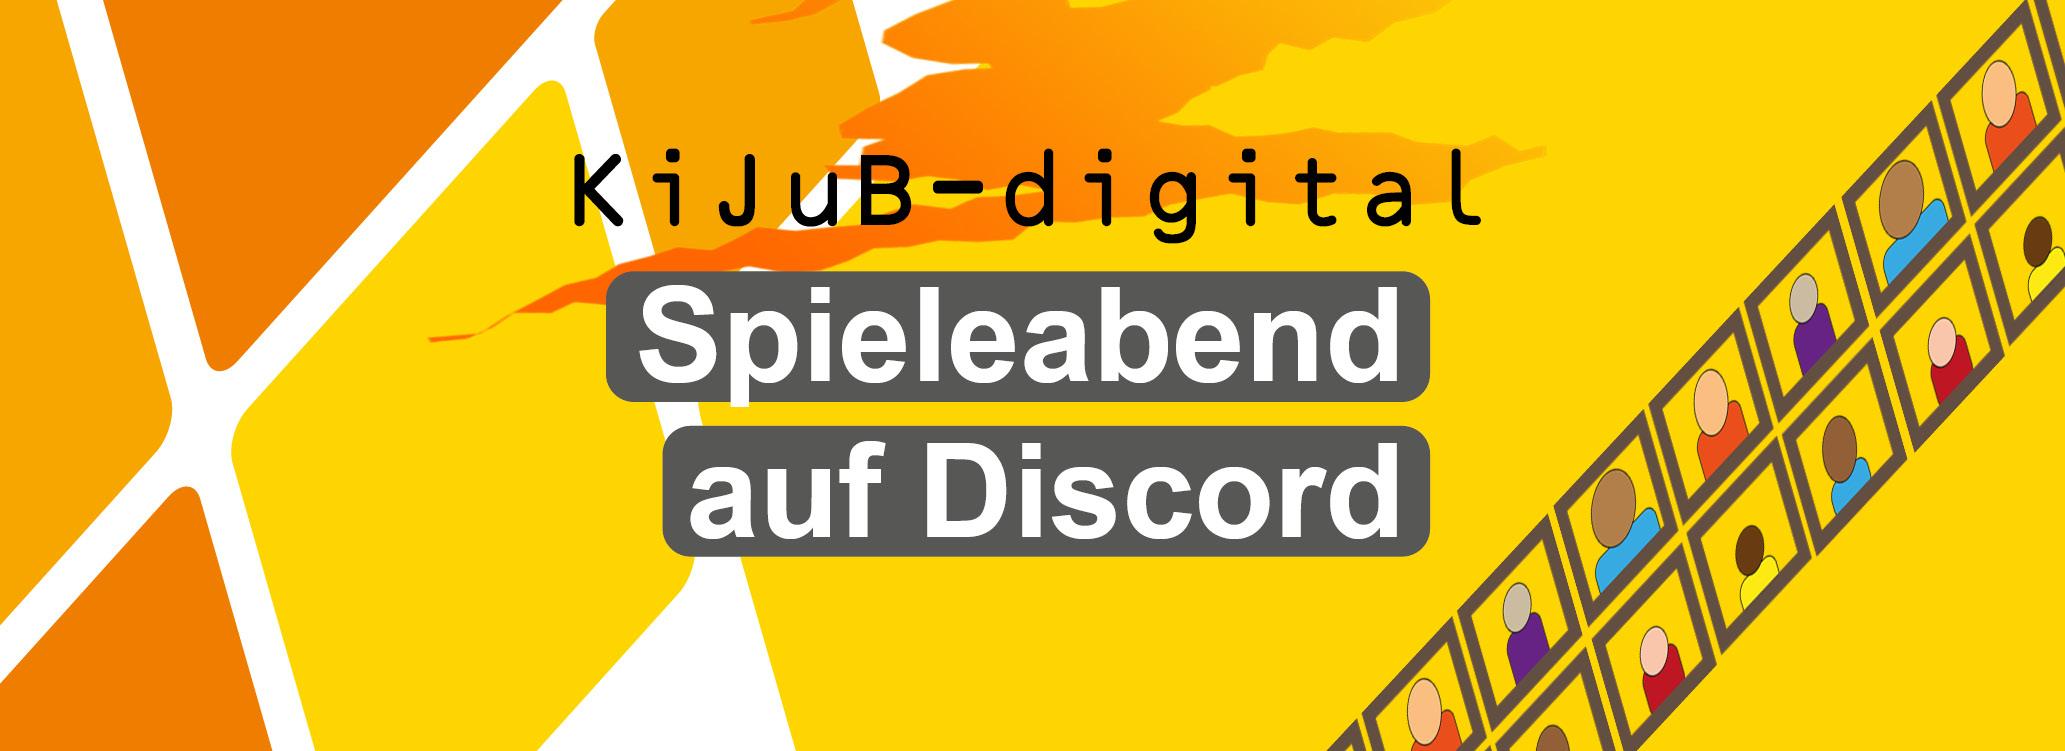 Rauten in Orangetönen, Schriftzug KiJuB-Digital Spieleabend auf Discord ©Stadt Laatzen